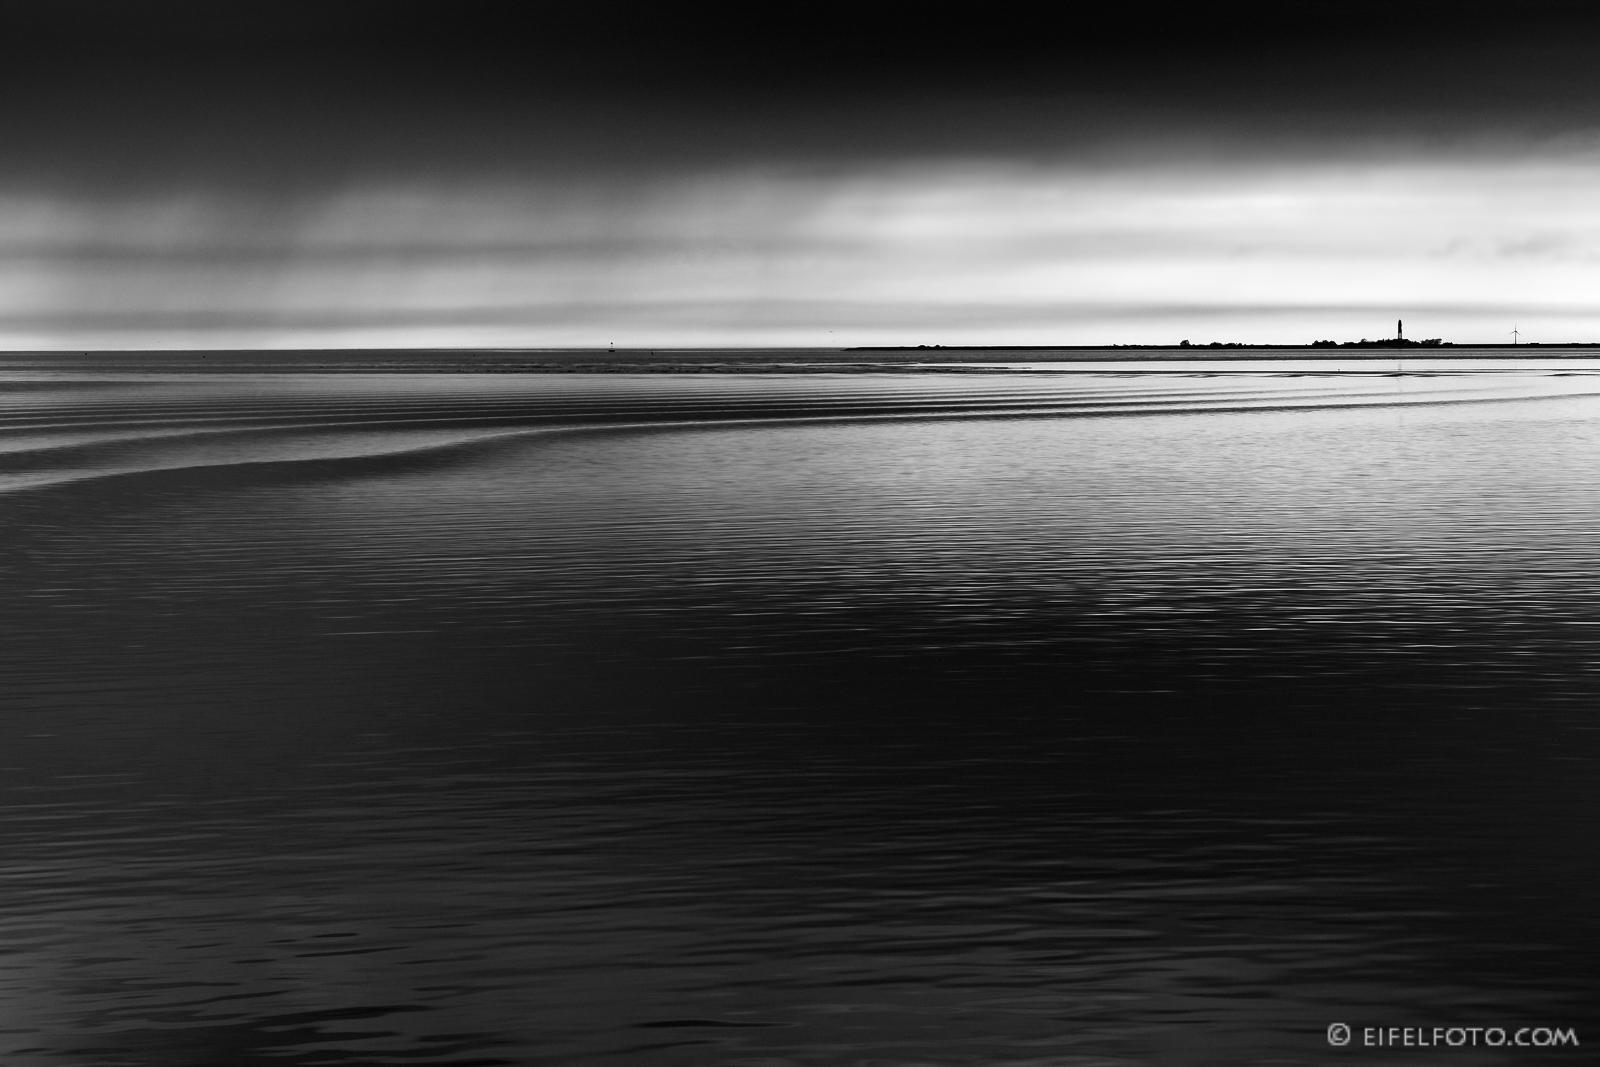 Nationalpark Wattenmeer vor der Insel Amrum